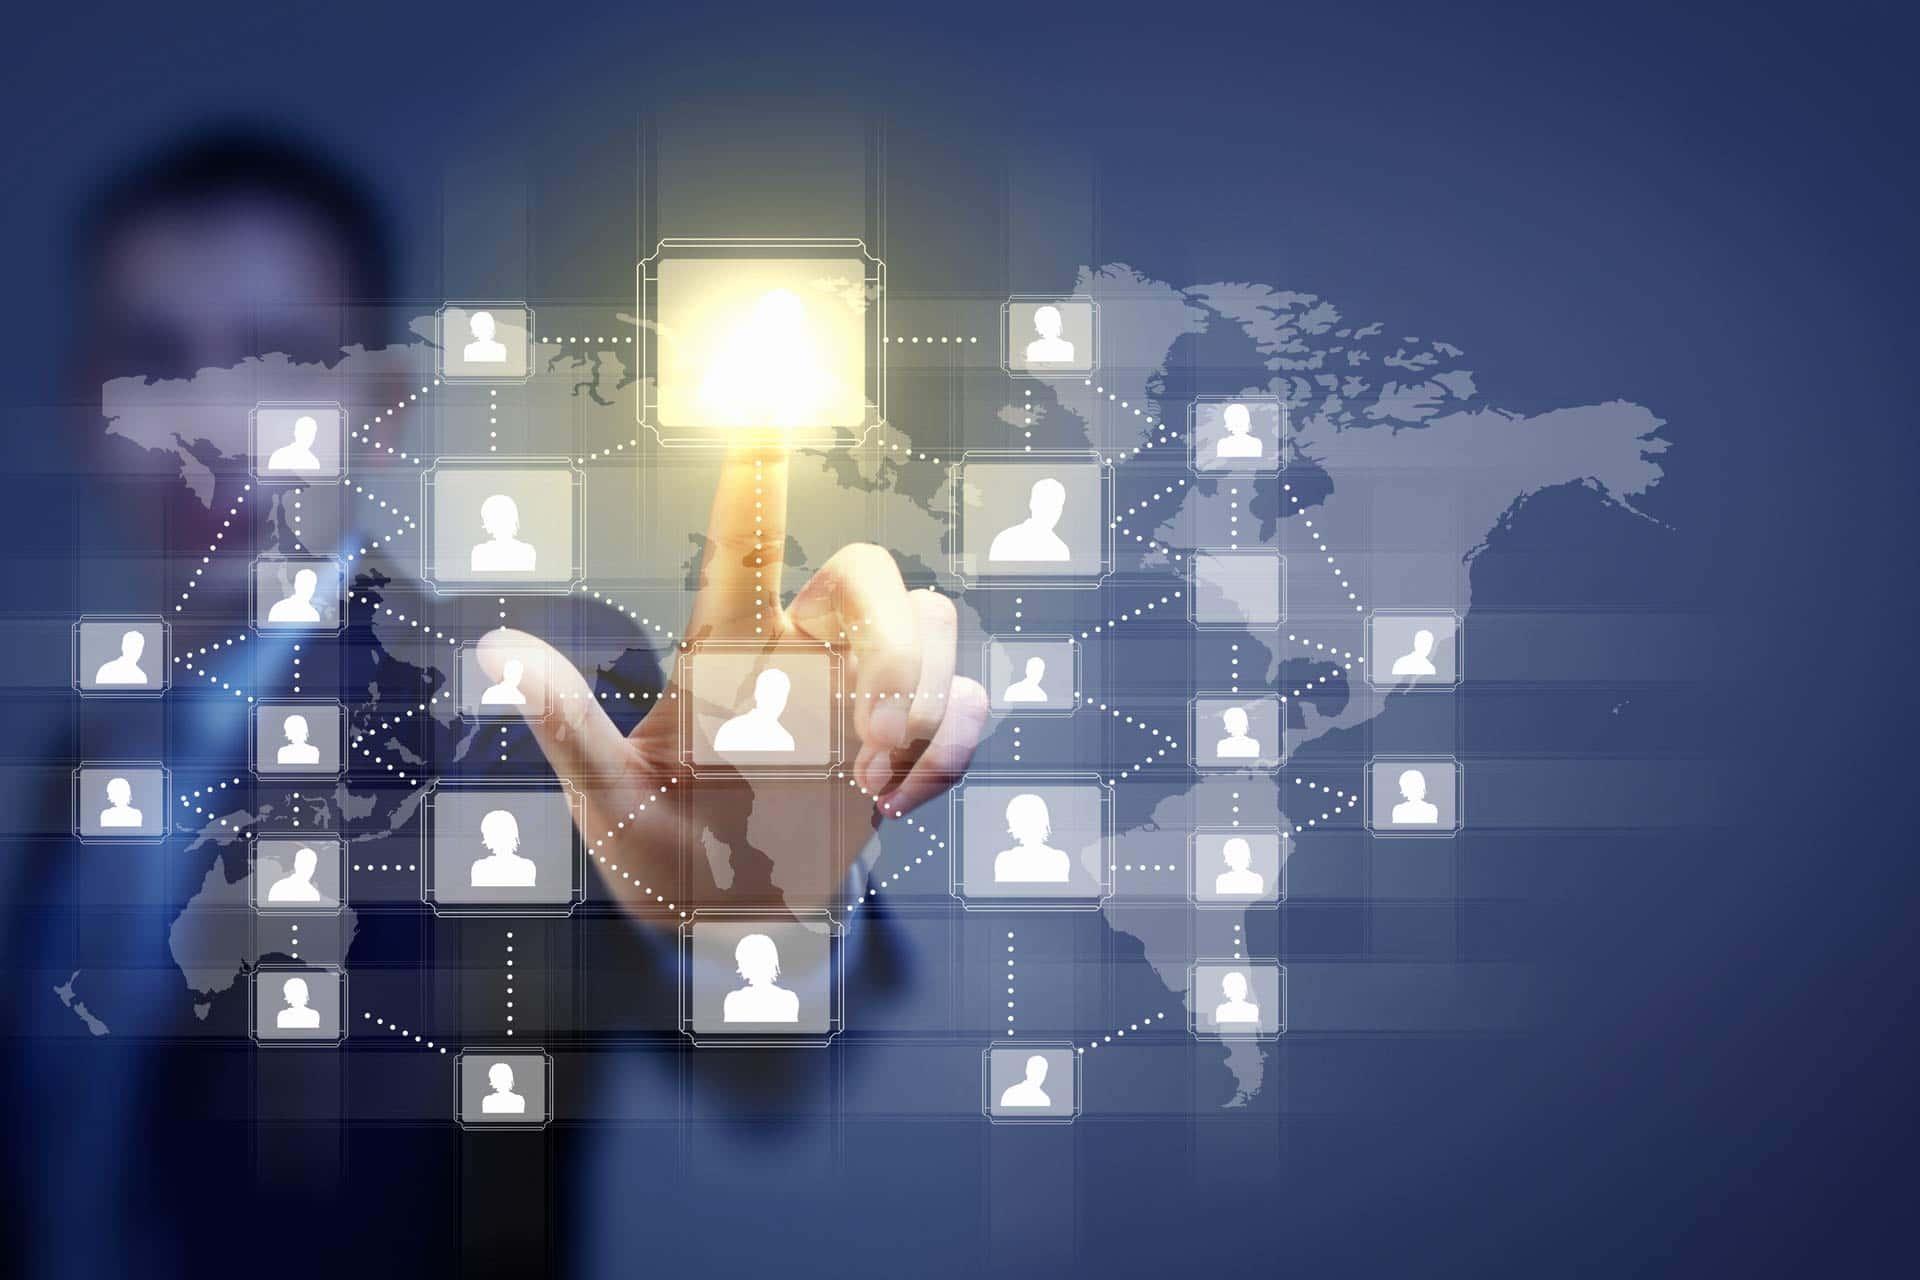 Kursy indywidualne Excel Warszawa, obsługa informatyczna firm, cennik pomoc informatyczna, opieka informatyczna dla firm